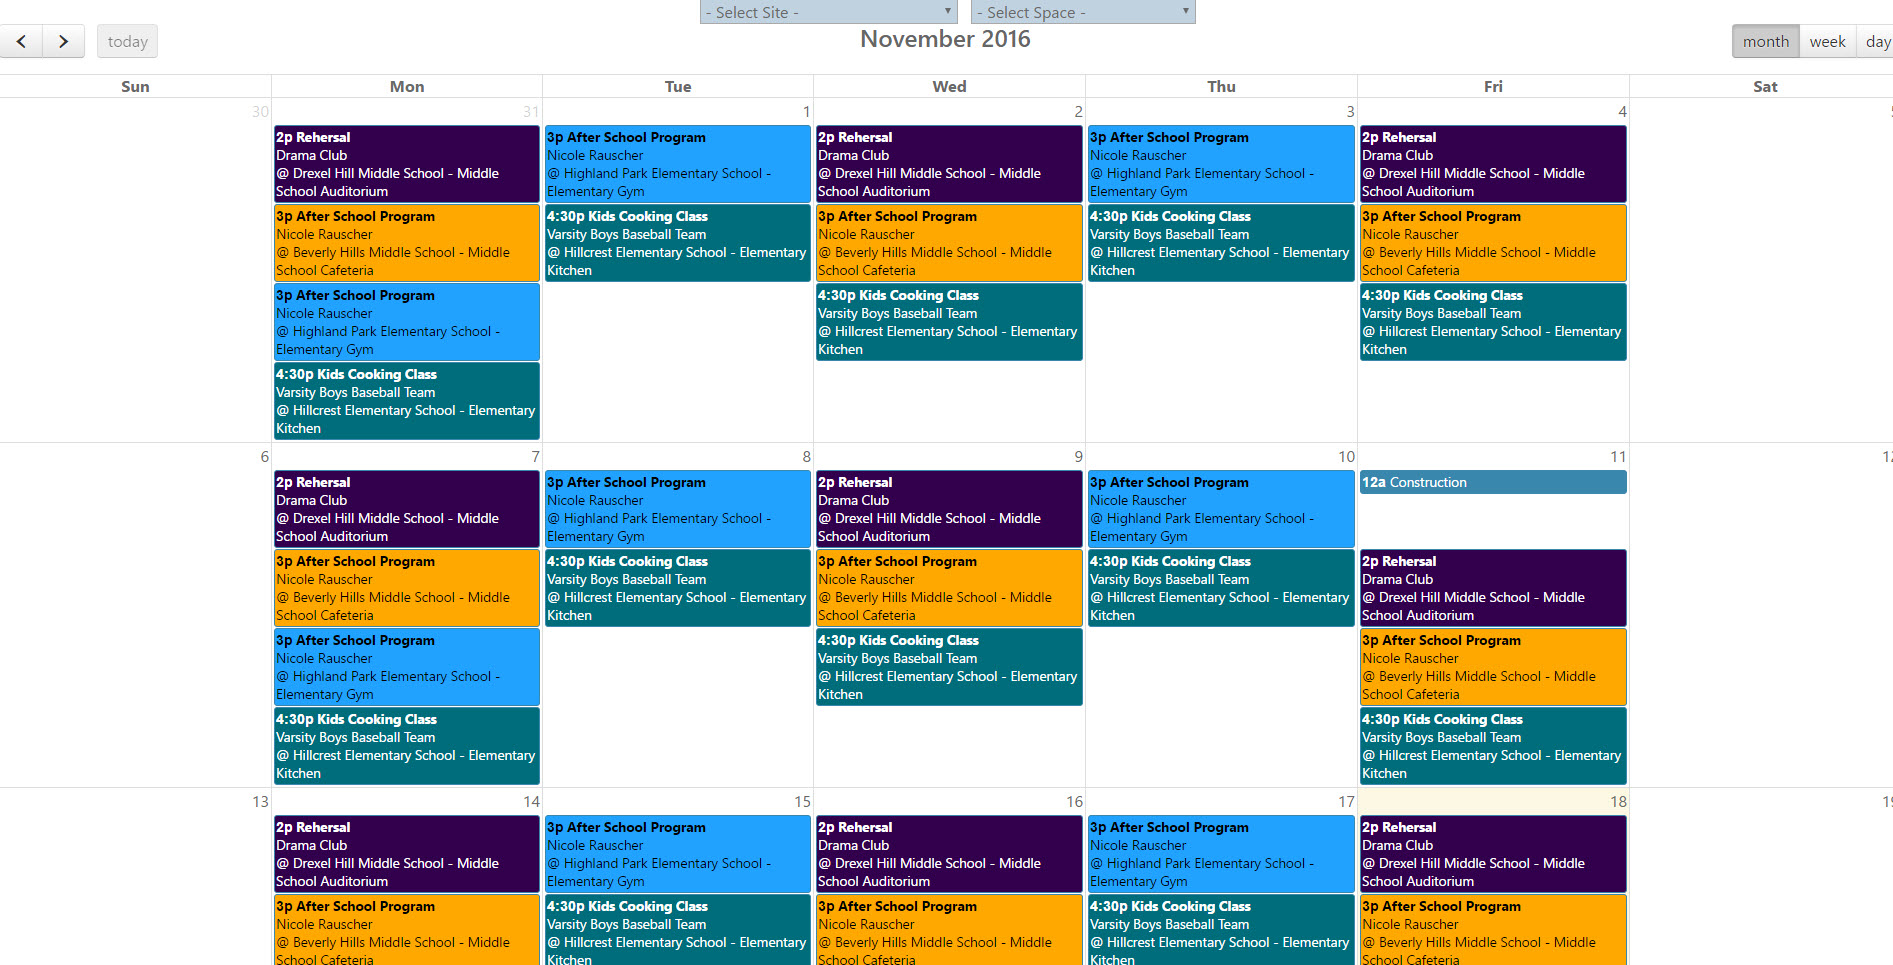 calendar-view